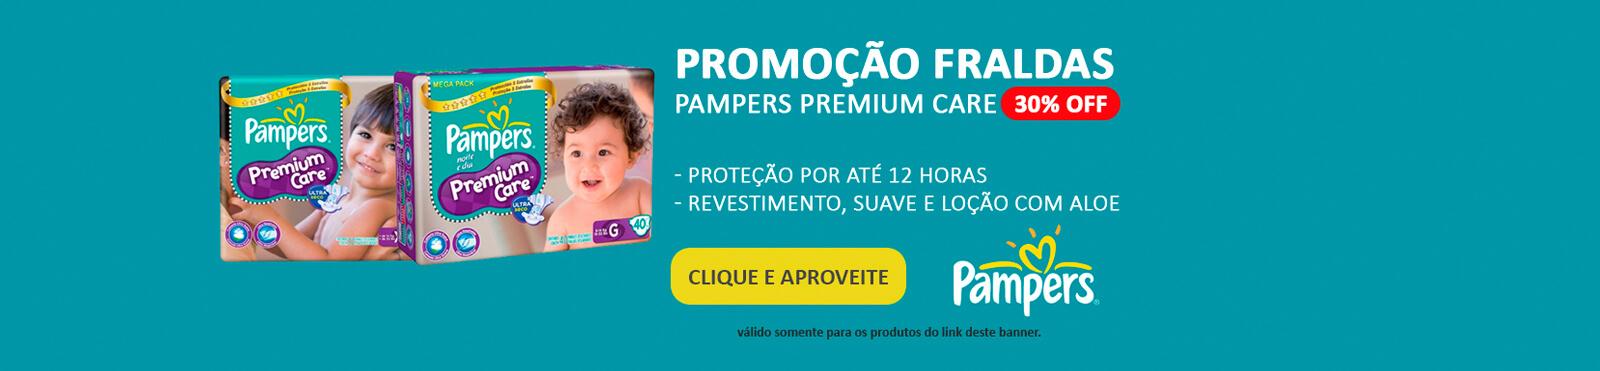 promocao-fraldas-pampers